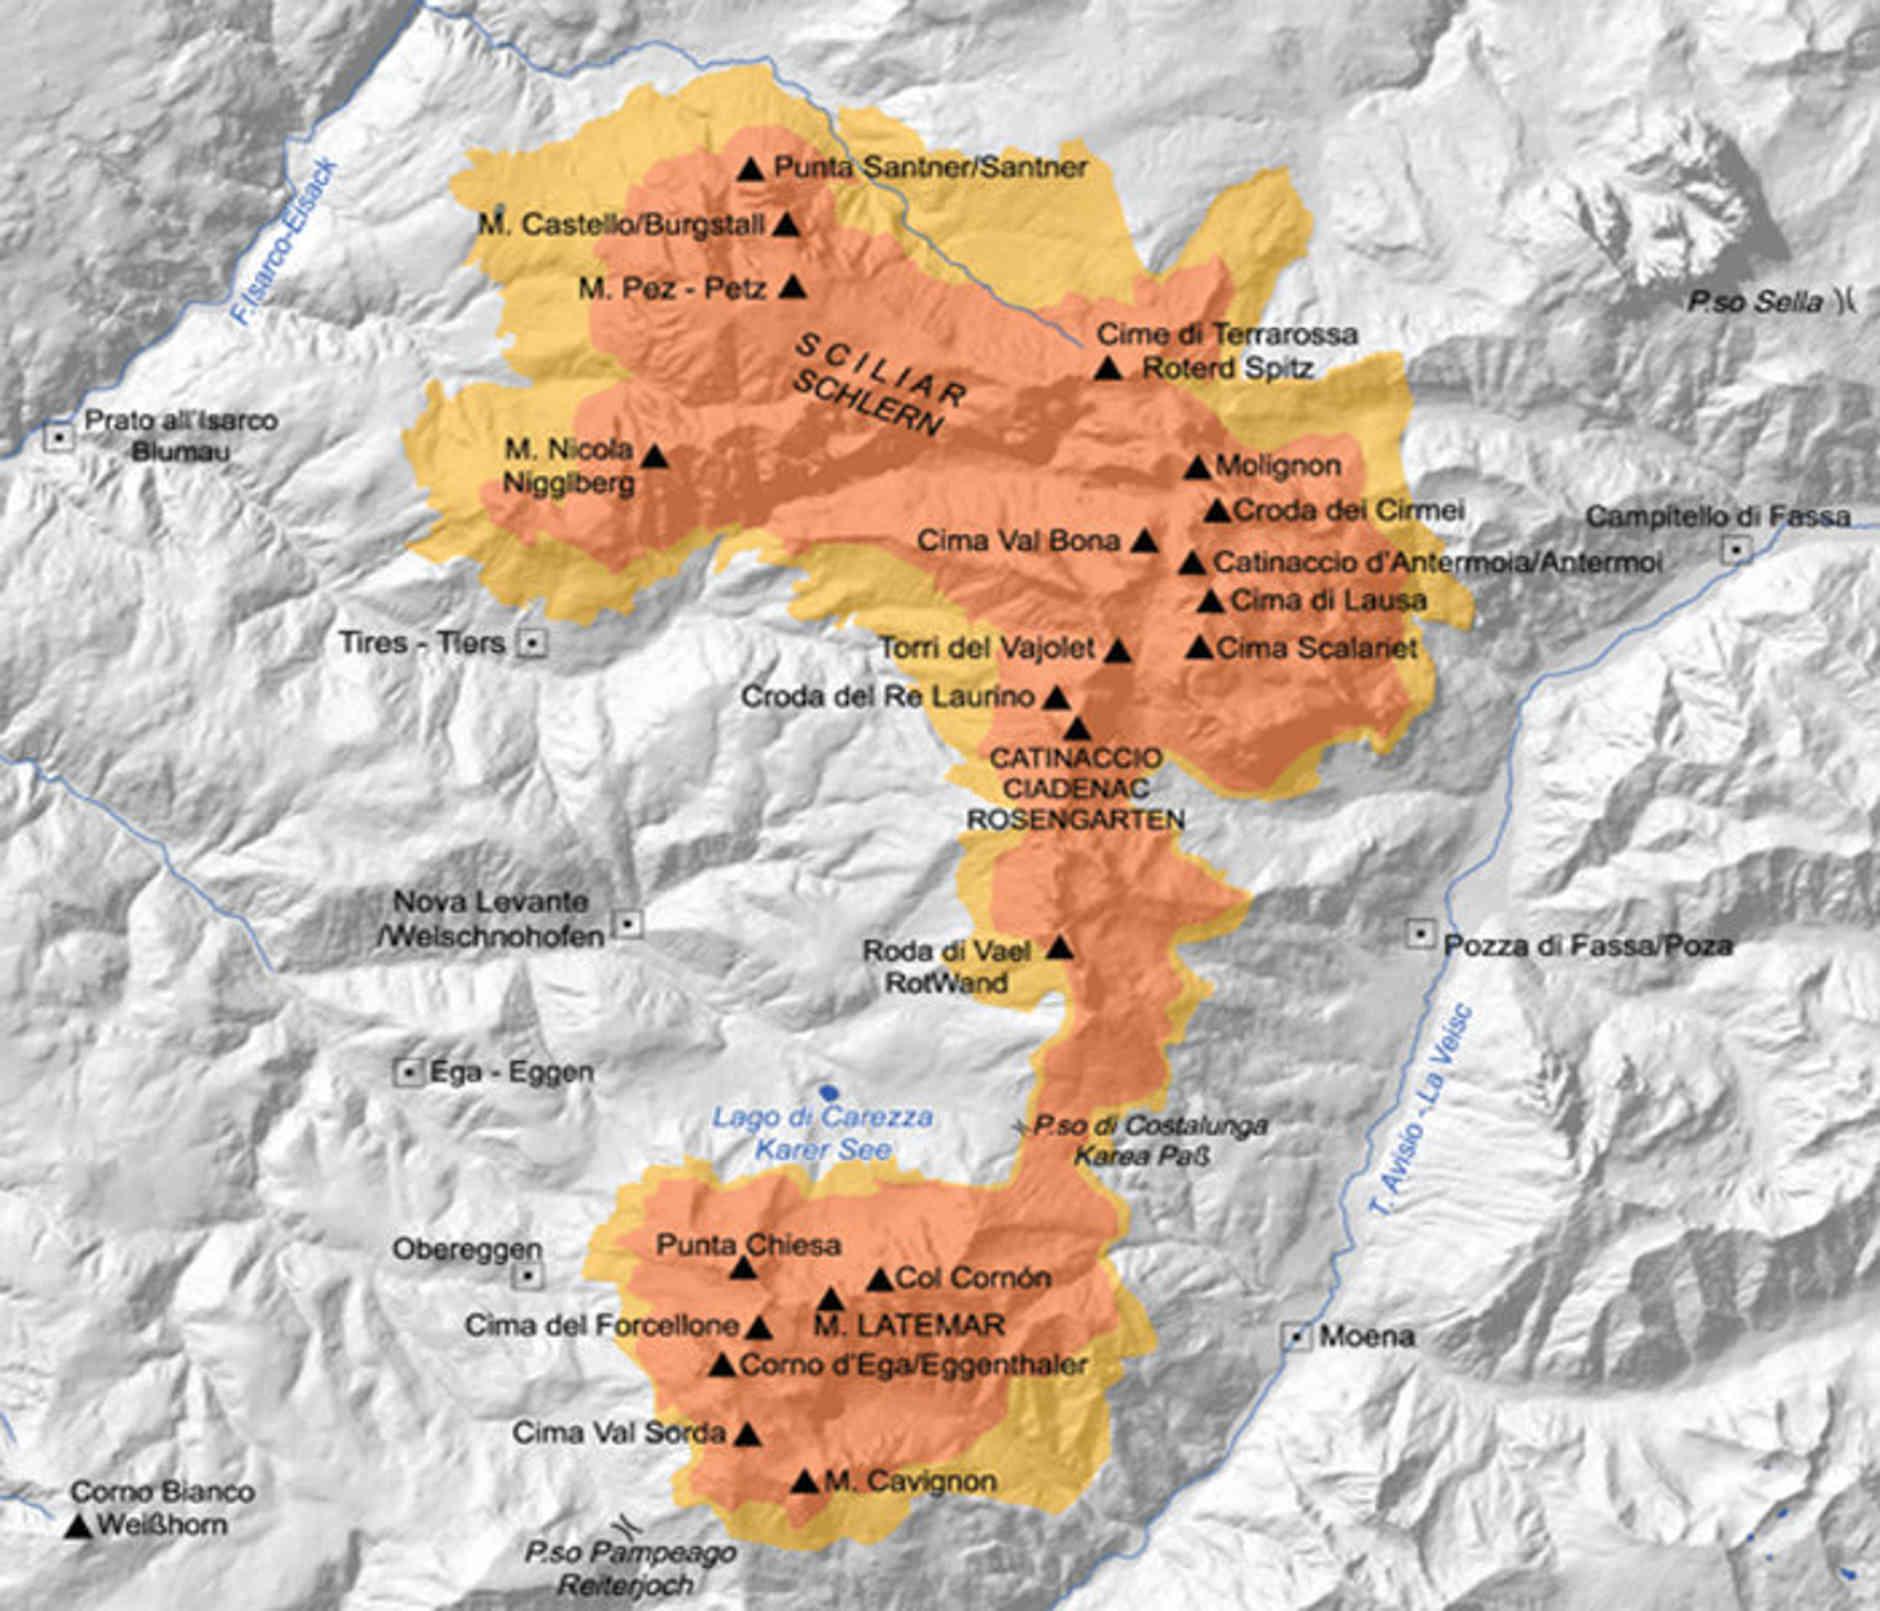 mappa del Parco Naturale dello Sciliar-Catinaccio